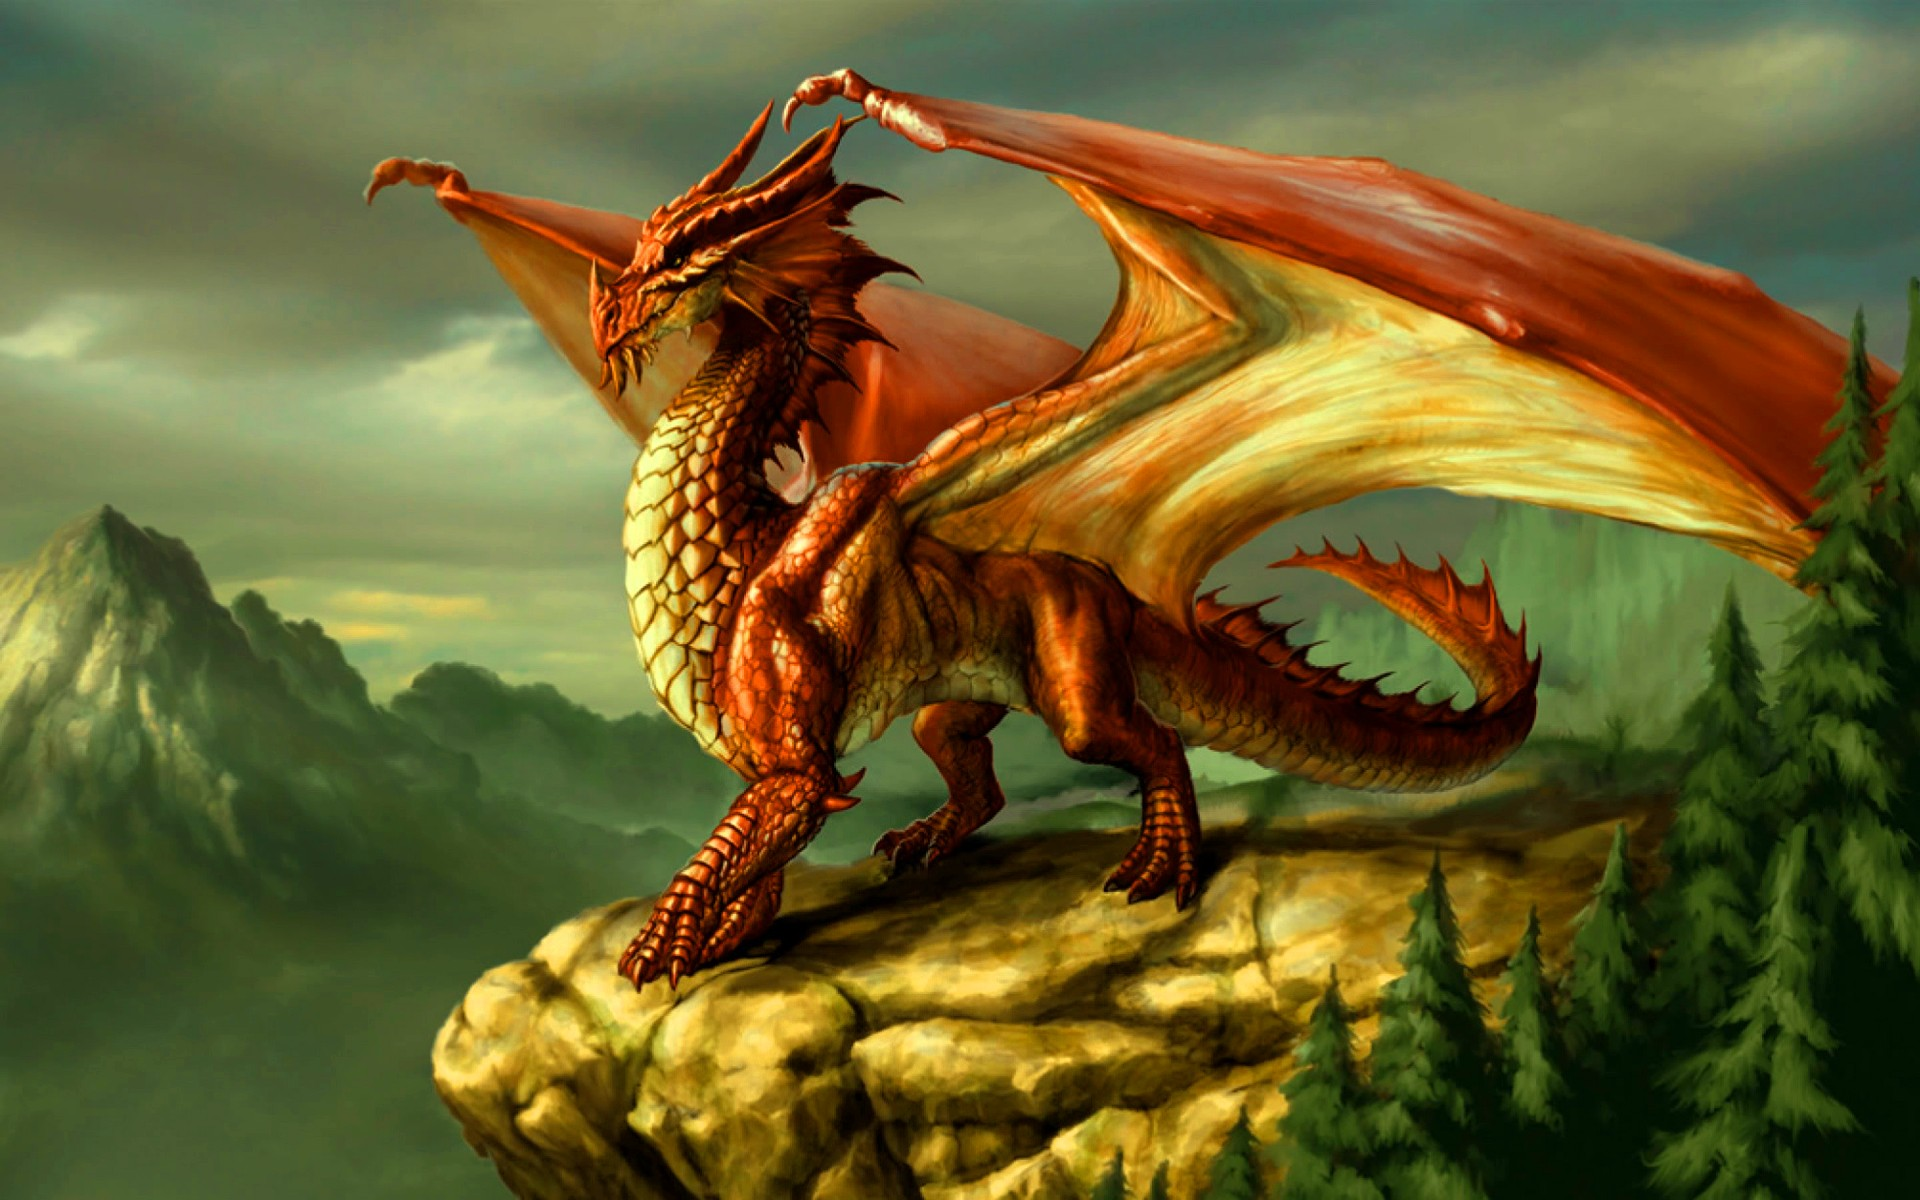 У карпатській міфології це дракон зі змієподібним тілом і крилами.